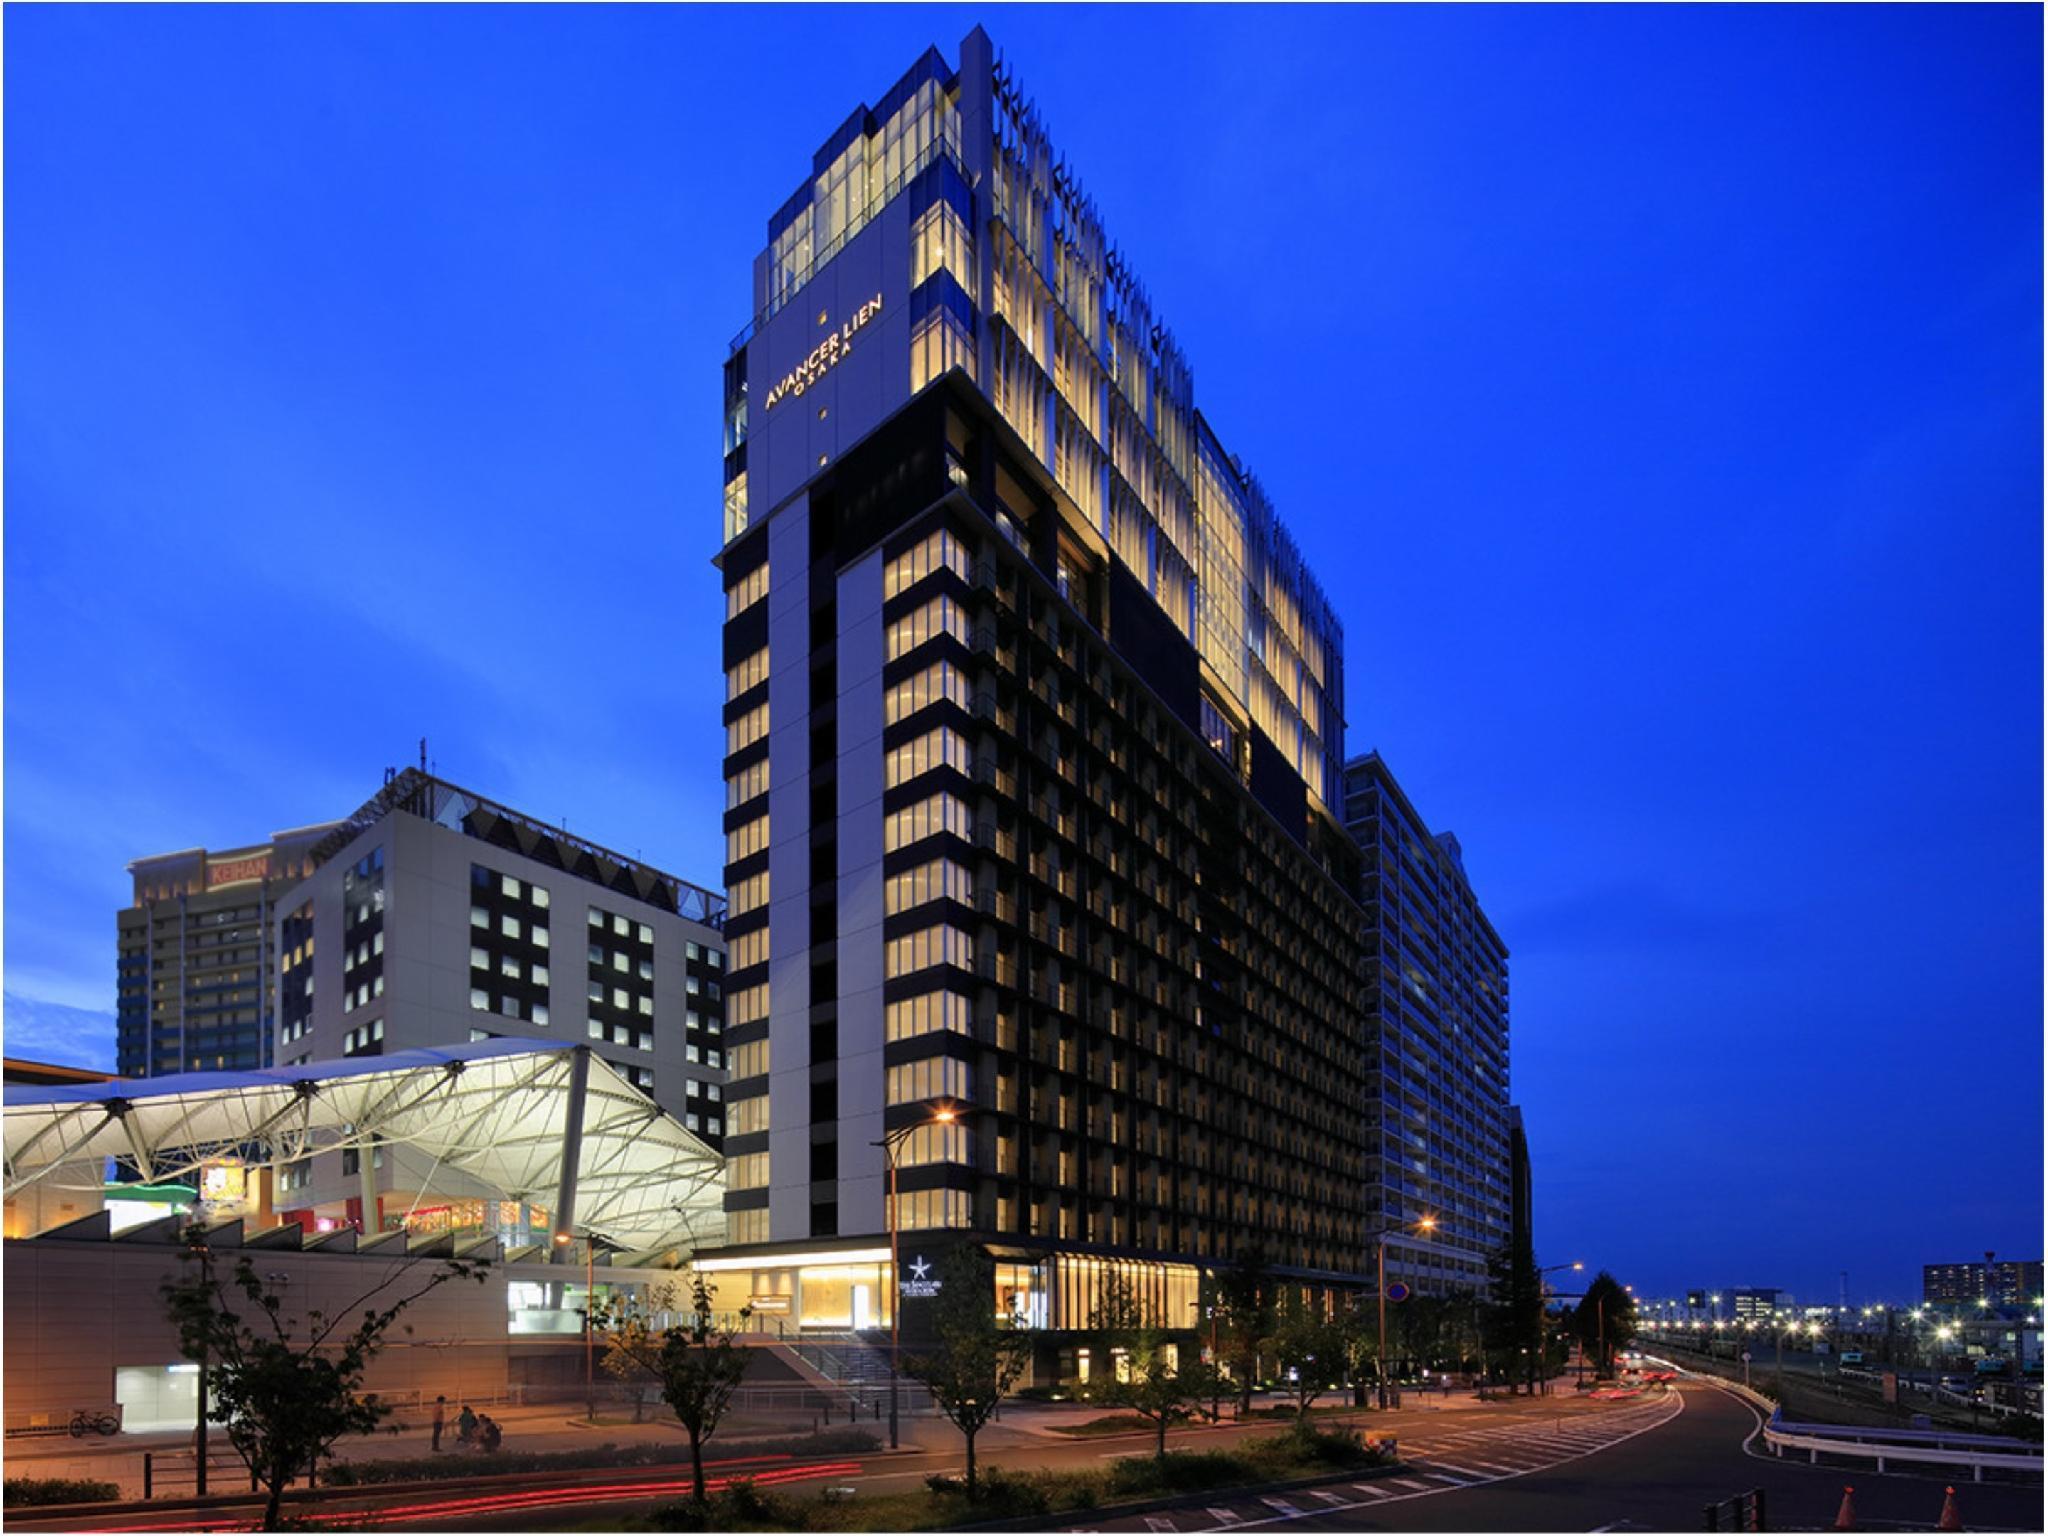 The Singulari Hotel And Skyspa At Universal Studios Japan